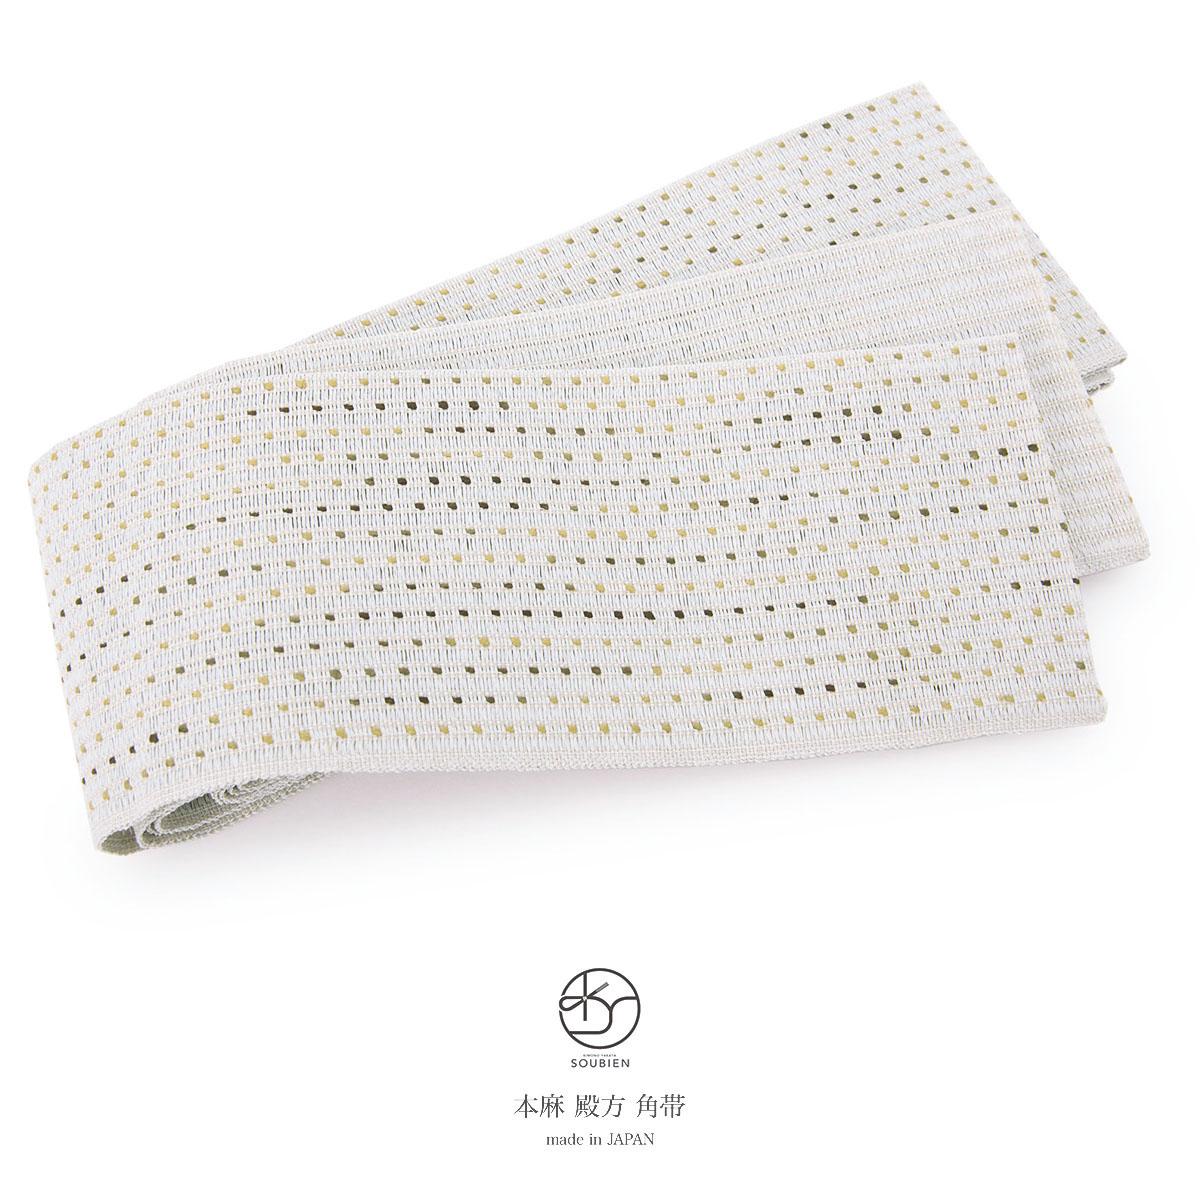 送料無料近賢織物謹製 本場 宝来織 角帯 日本製 男帯 和紙 流星 白 アイボリー 胡粉色 浴衣帯 ゆかた帯 着物 和服 和装あす楽 対応vn0NyOm8w